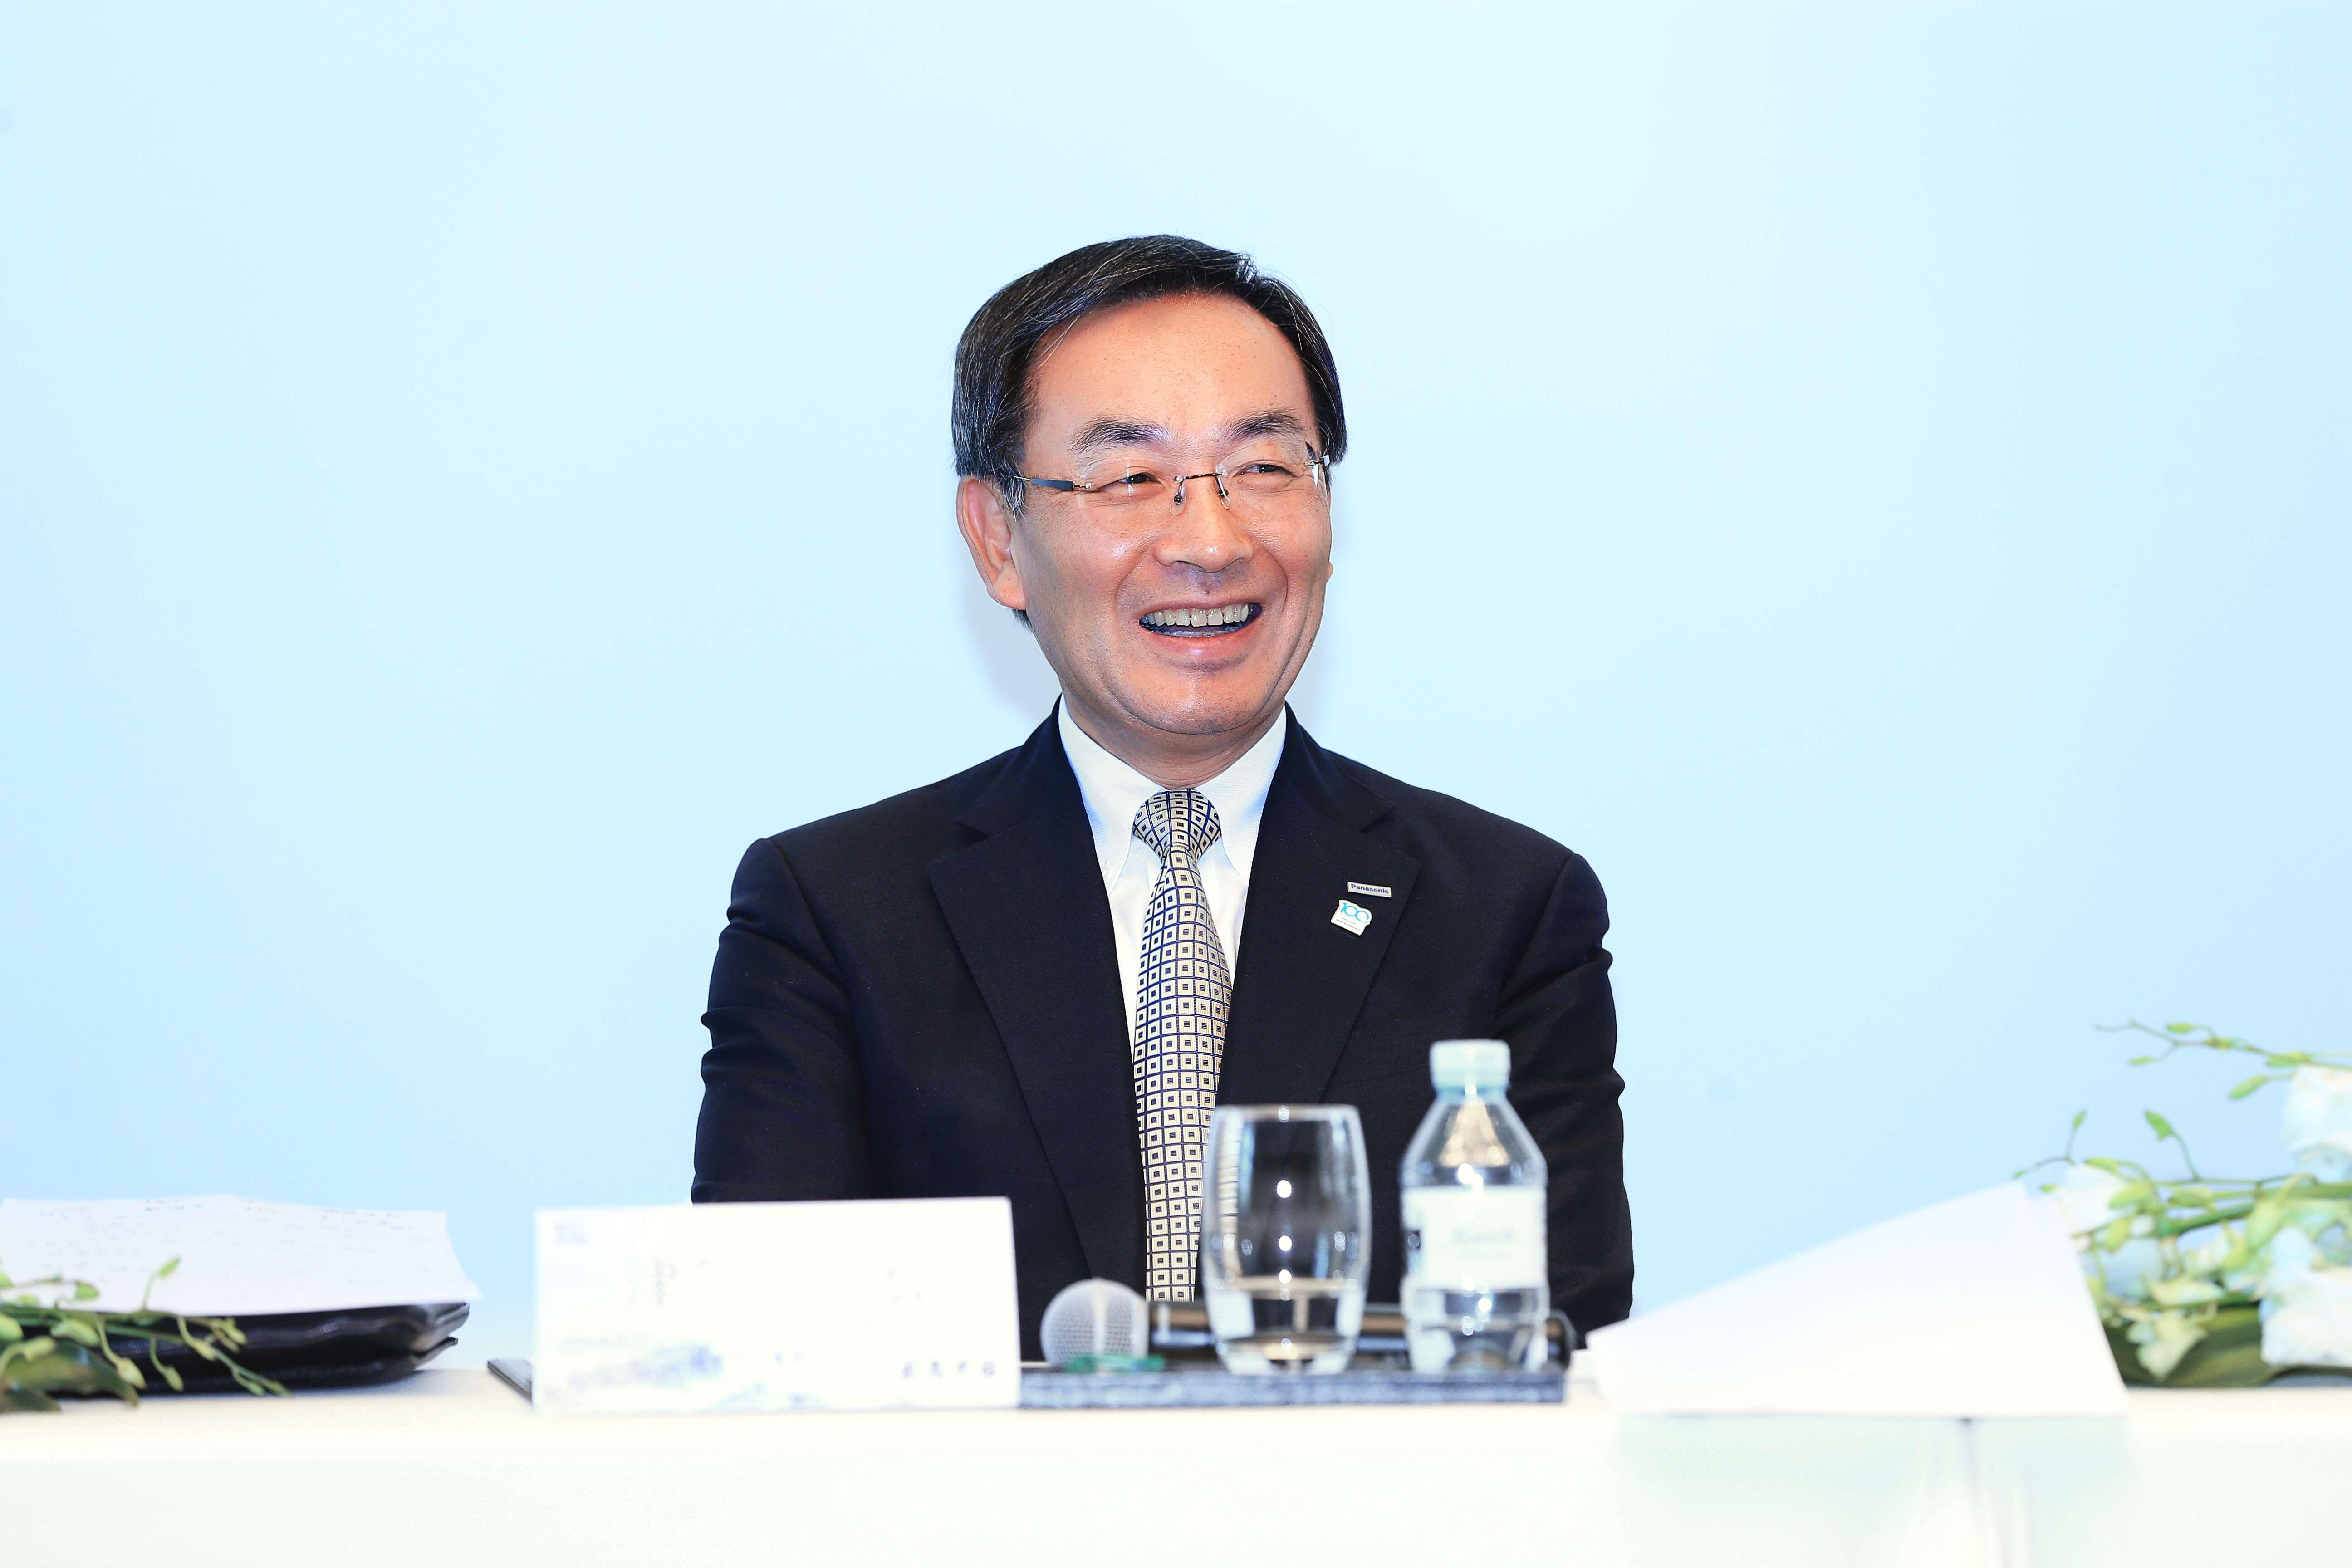 津贺一宏:松下与改革开放共同成长40年